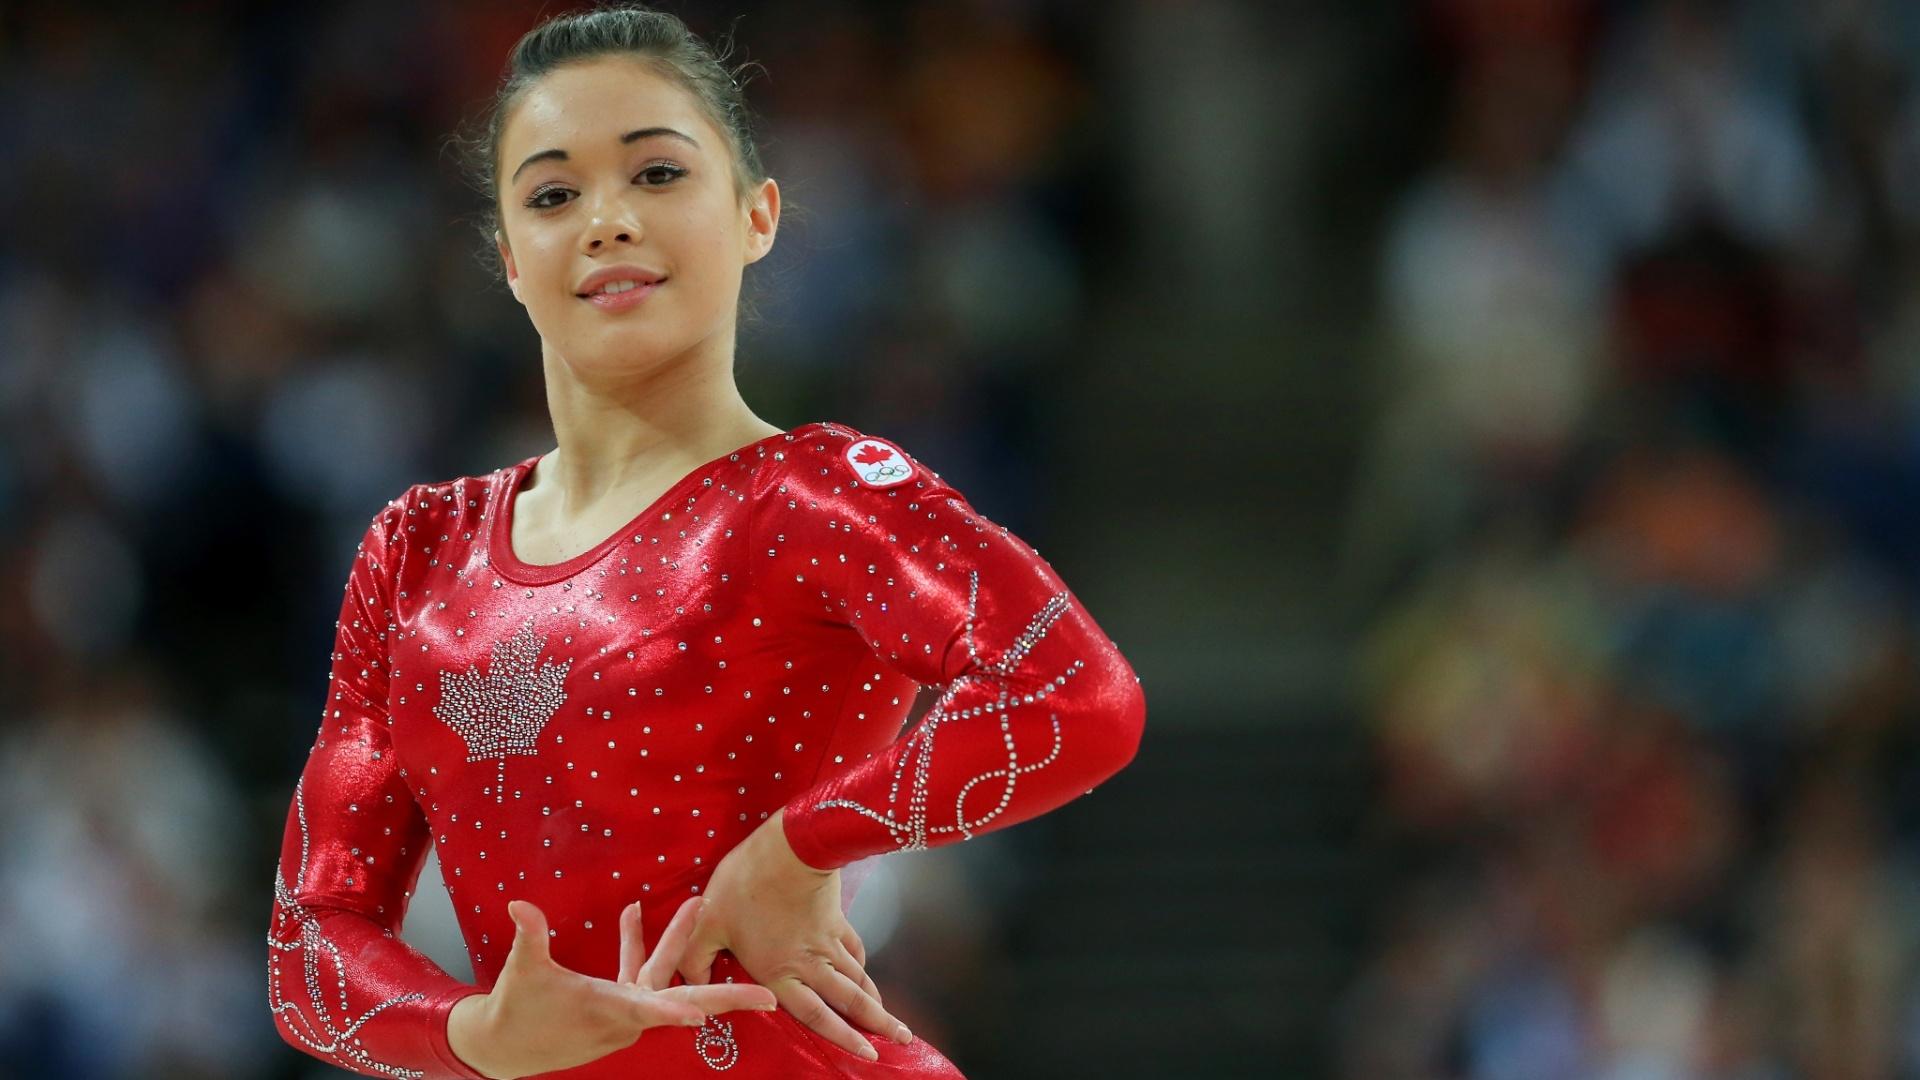 Victoria Moors, canadense da ginástica artística, também combinou o vermelho brilhante com a folha da bandeira